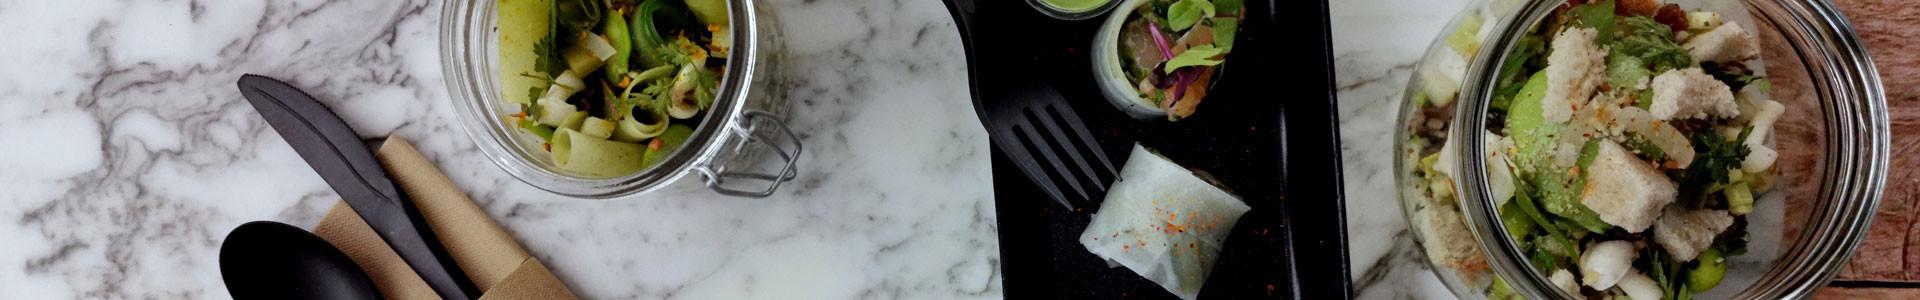 Les entrées de votre repas, livrées en entreprises à Lille - Instant Culinaire